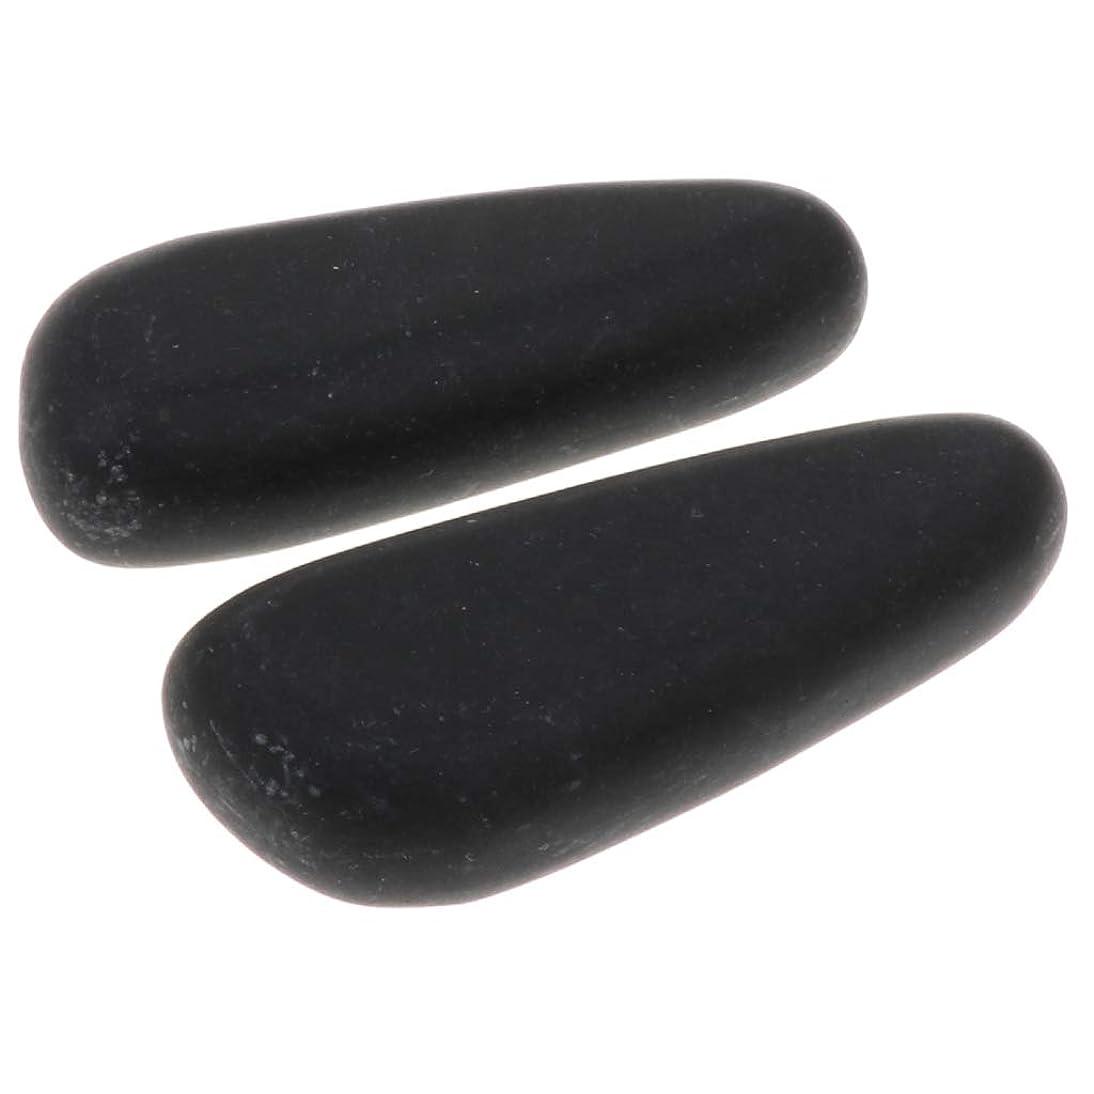 Fenteer 全2サイズ ホットストーン マッサージ石 マッサージストーン 玄武岩 ボディマッサージ スパ 2個入 - 8×3.2×2cm